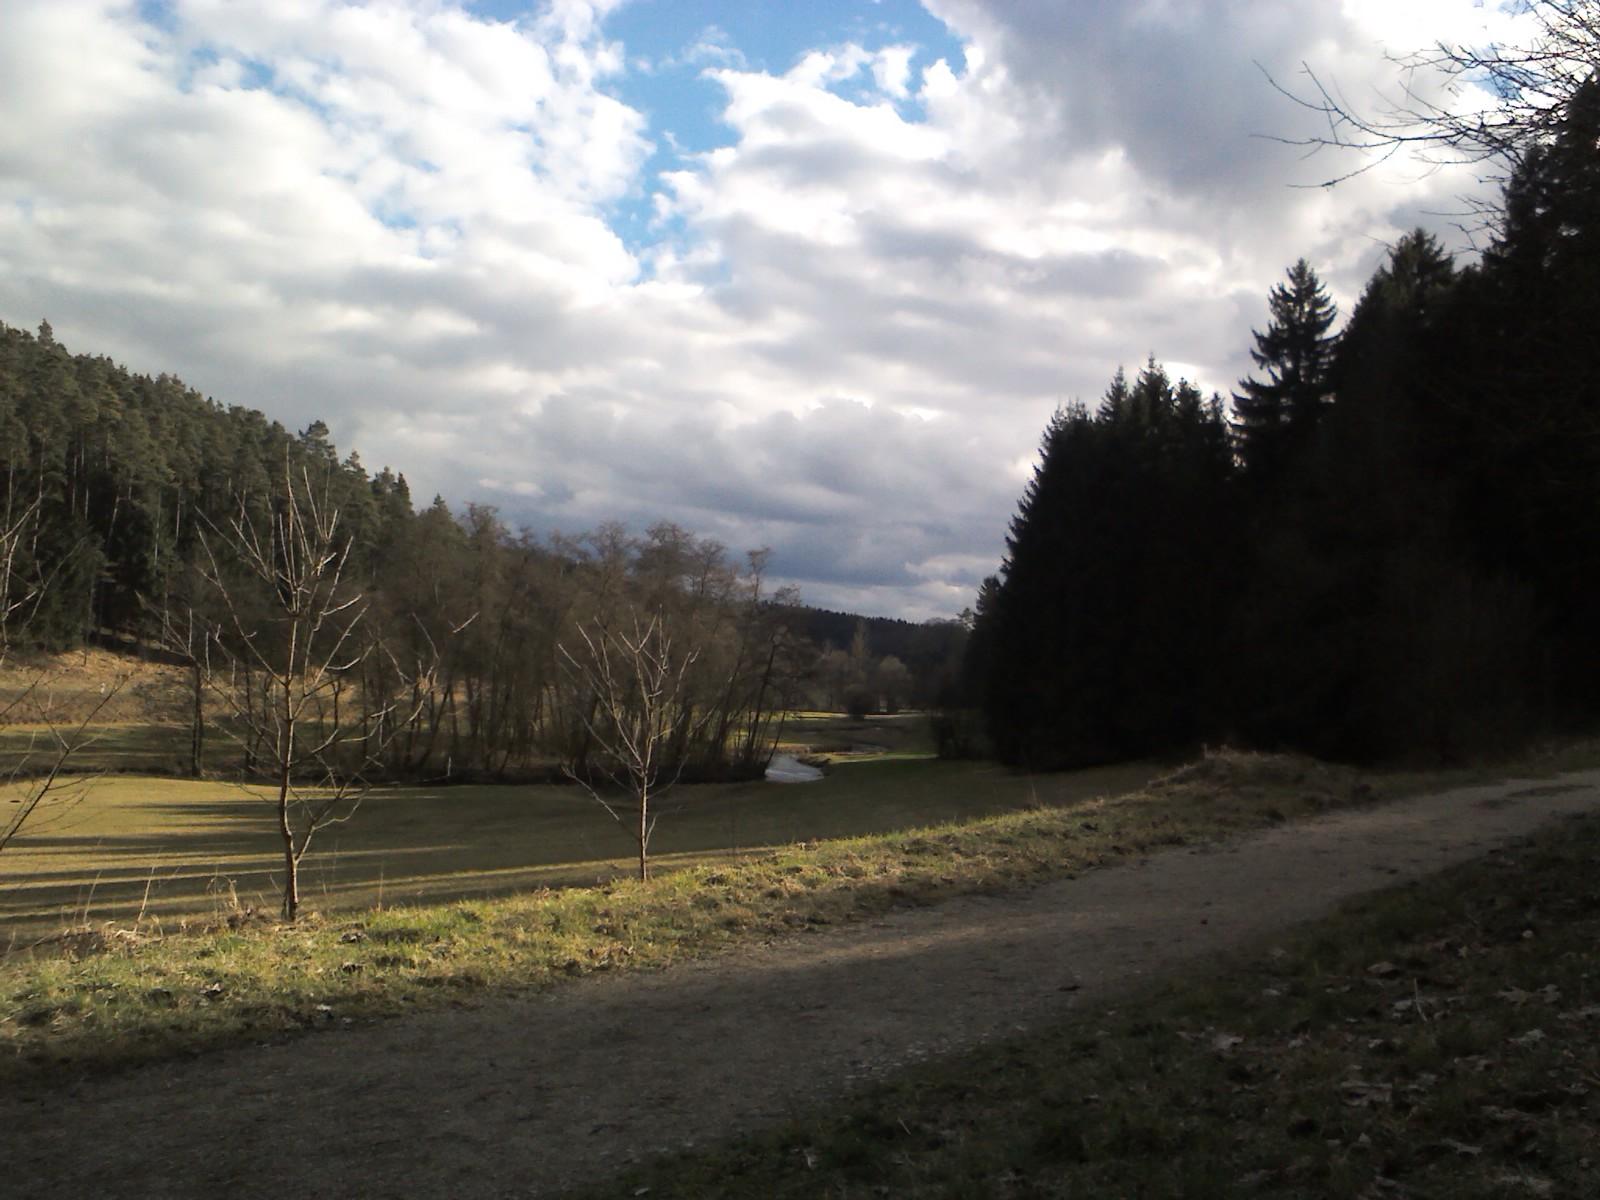 Wieder eine Landschaft, die zu tiefer innerer Ruhe führt.